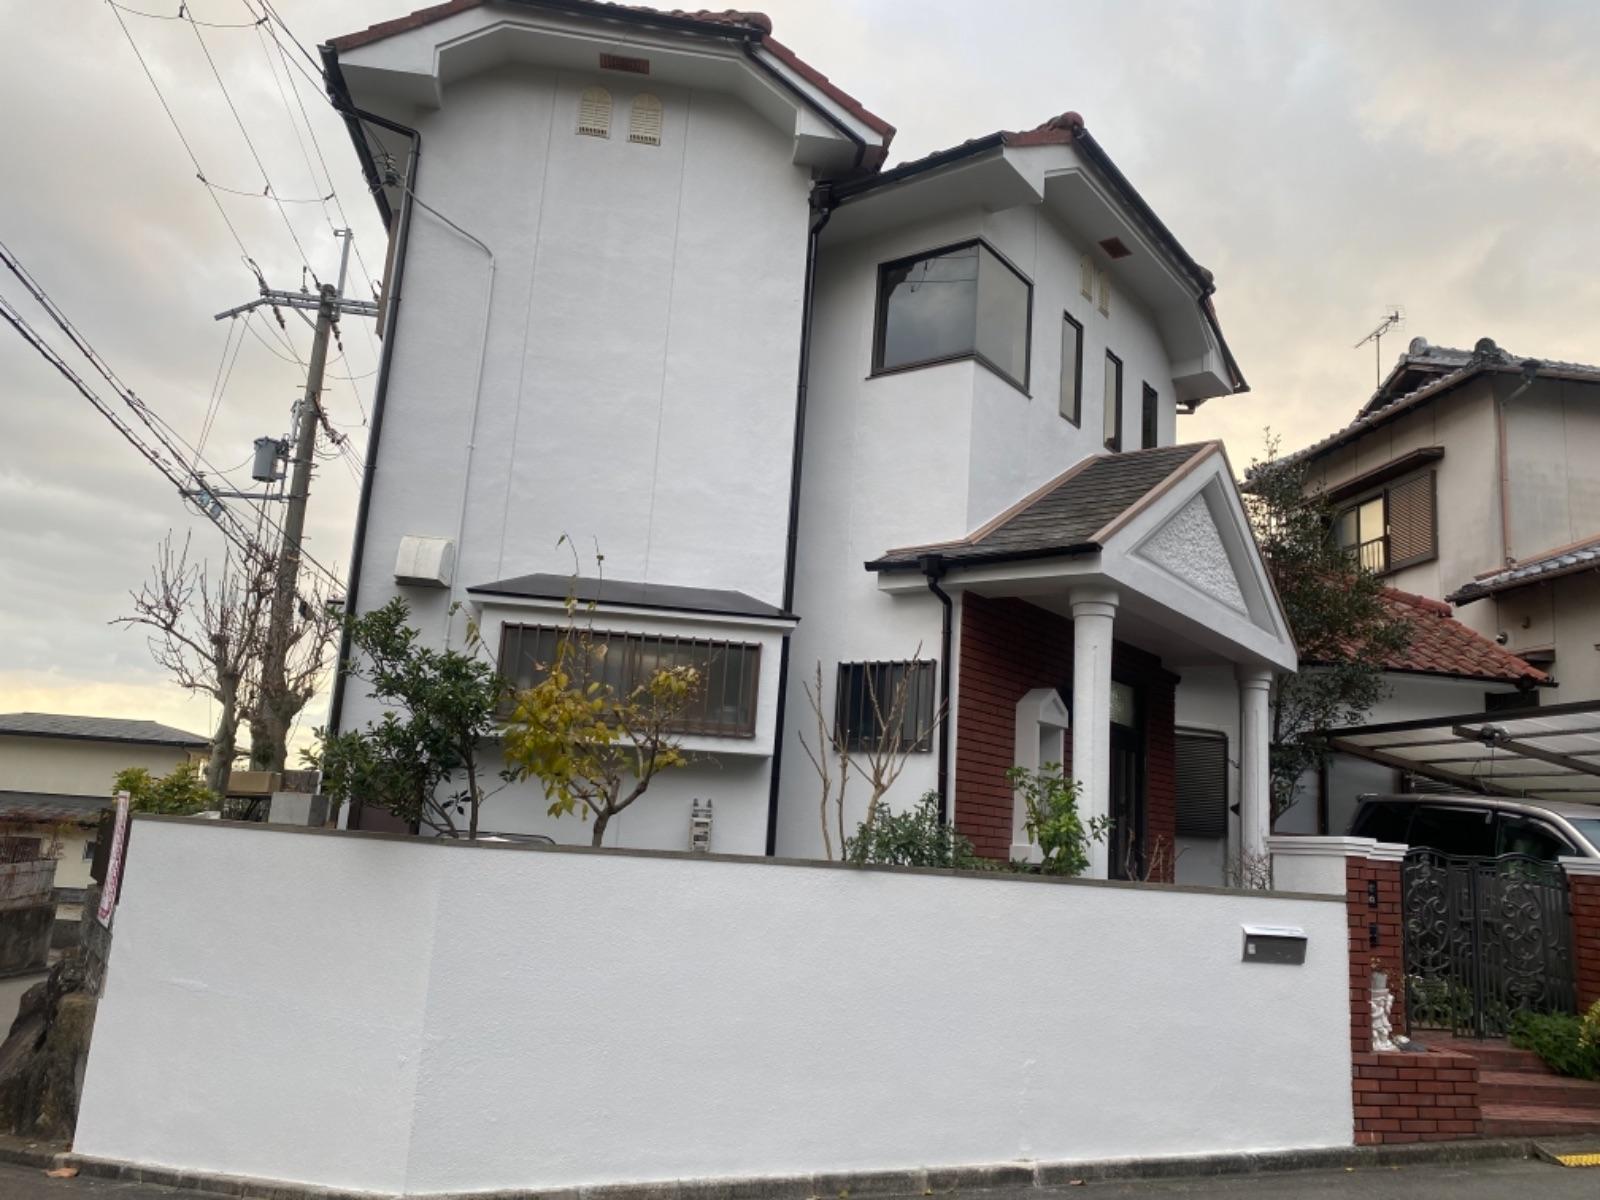 和歌山市*六十谷 M様邸 外壁塗装工事                                         『外壁汚染撃退!真っ白で綺麗なお家に♫』